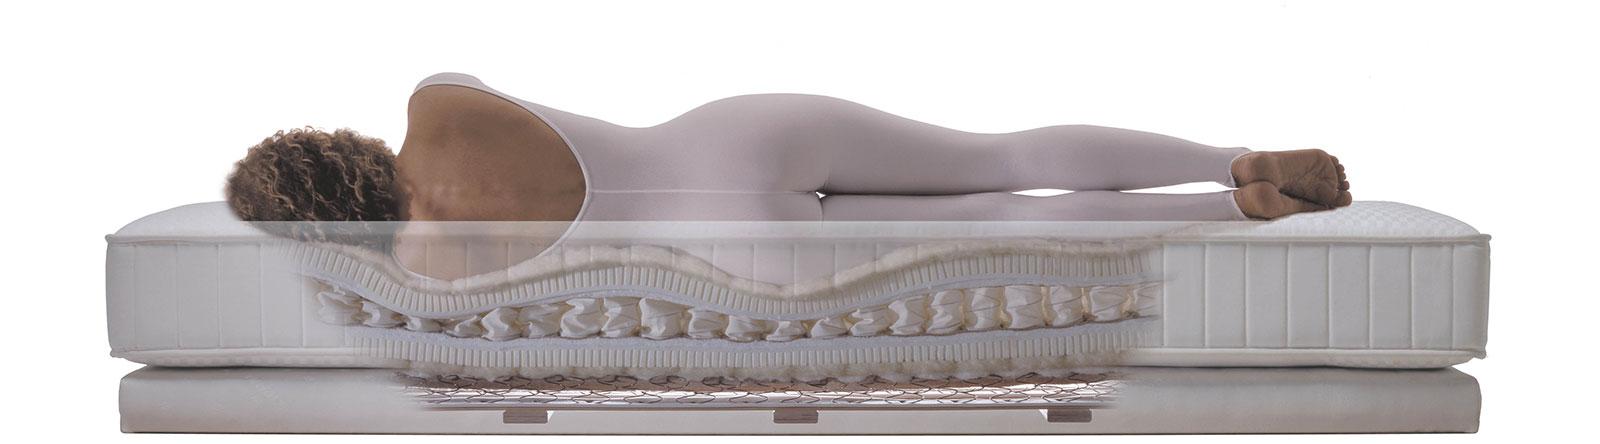 schramm-matratze